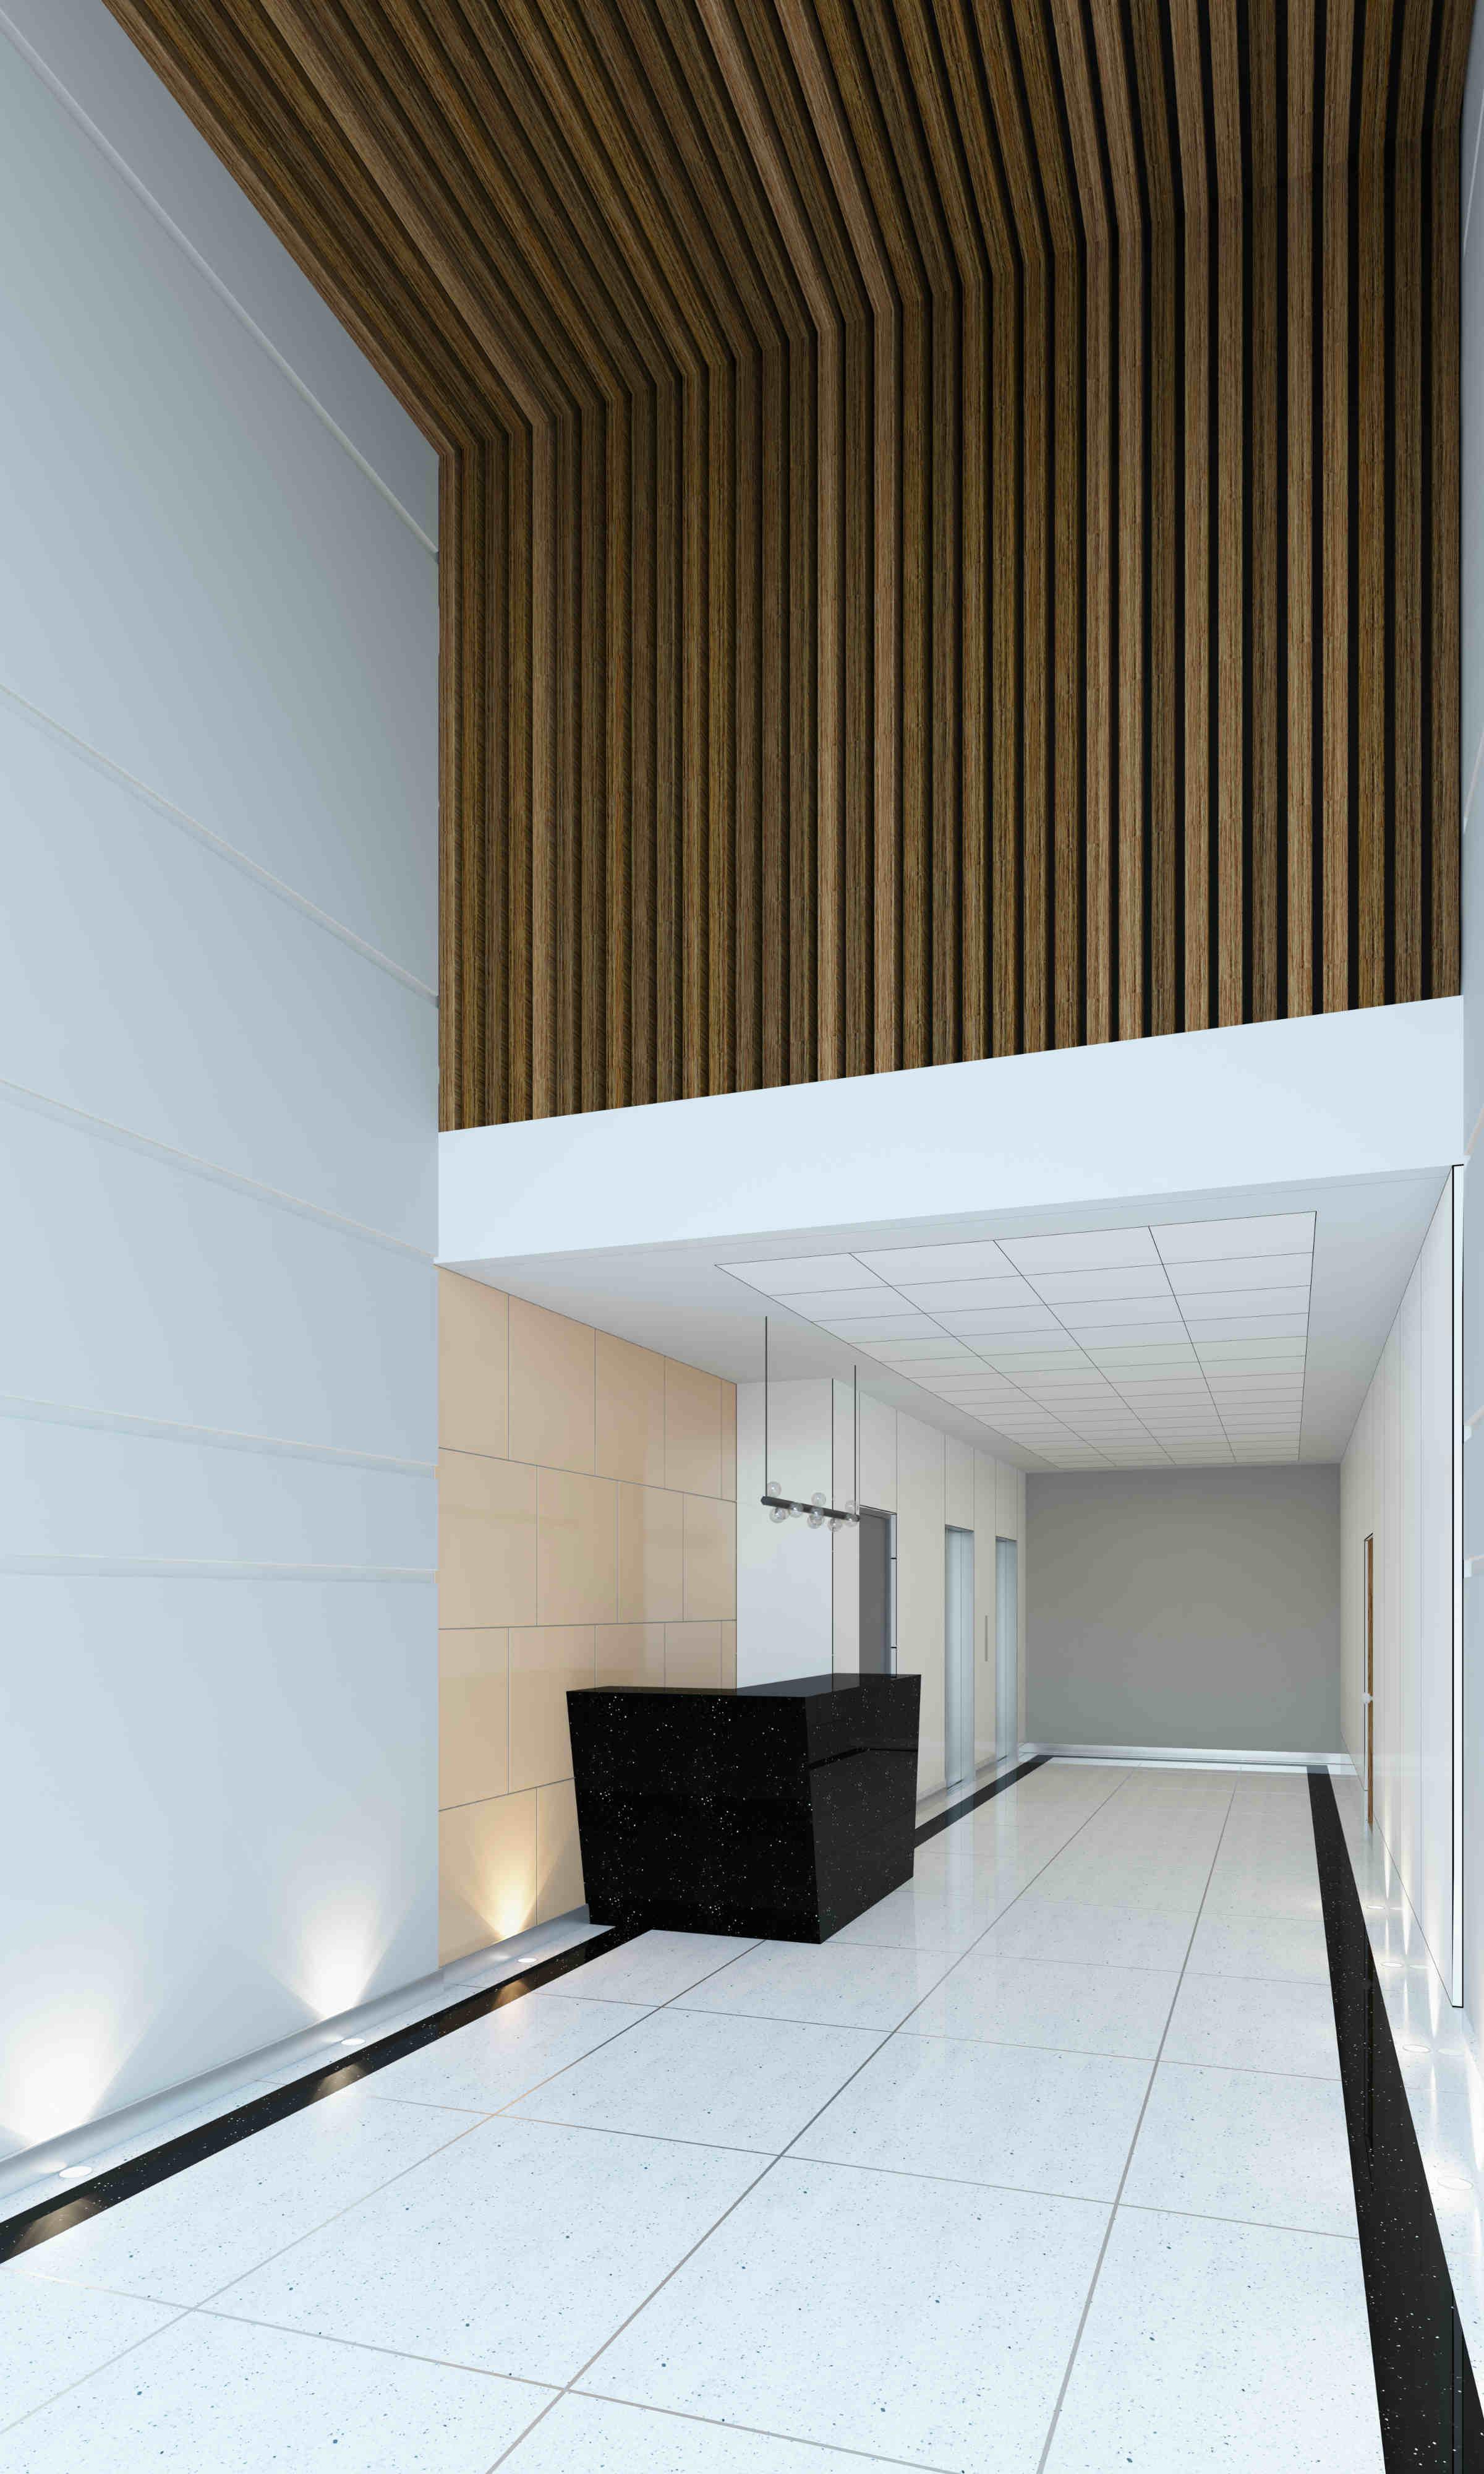 equipamiento de edificio de oficinas en alquiler miraflores